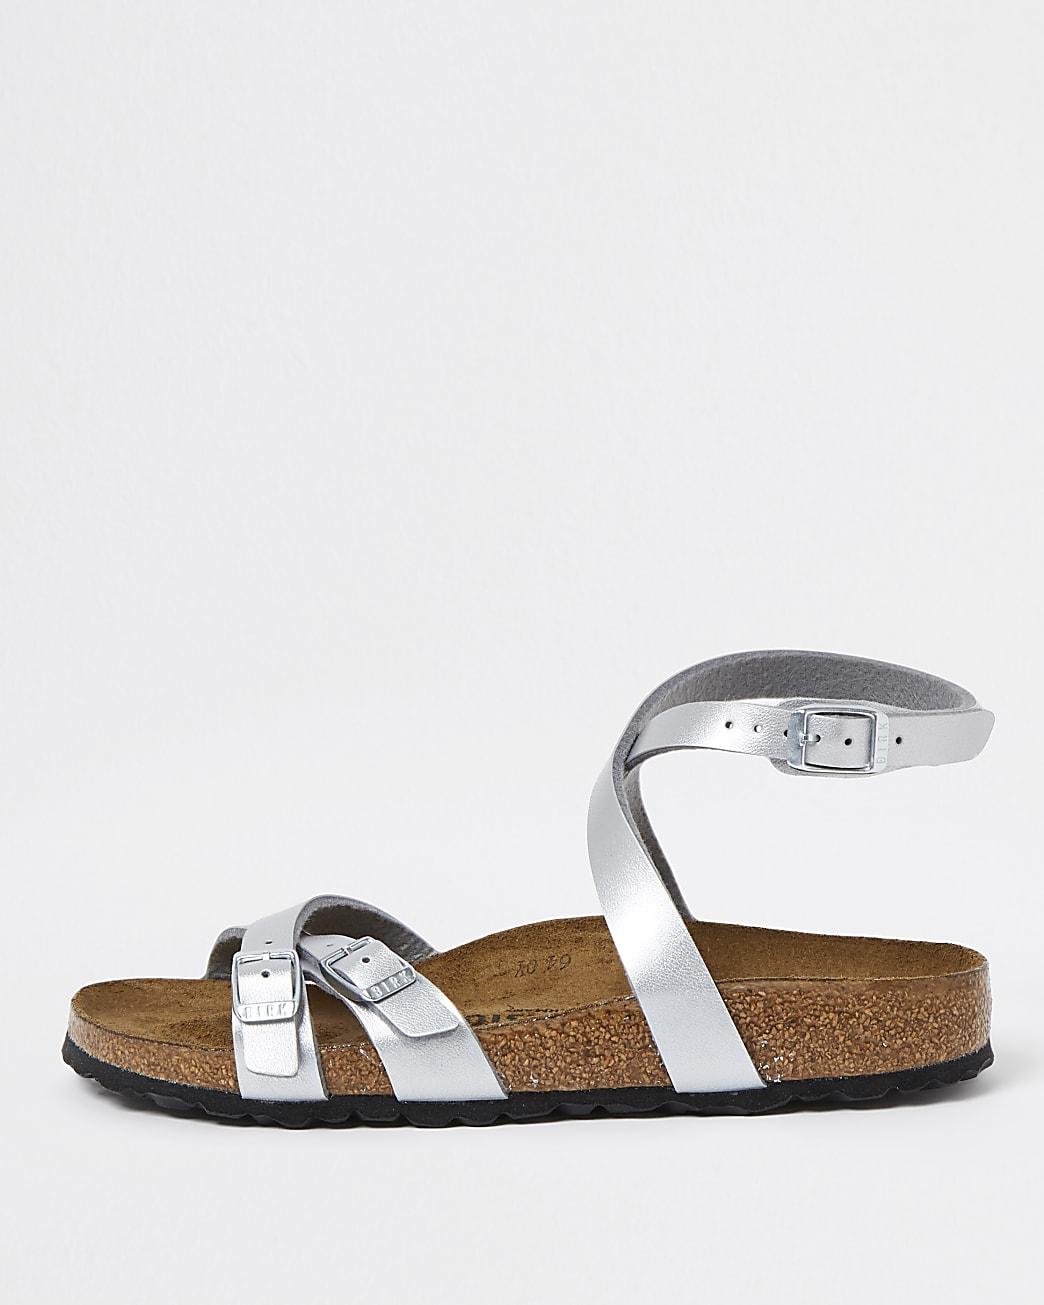 Birkenstock silver ankle tie sandal